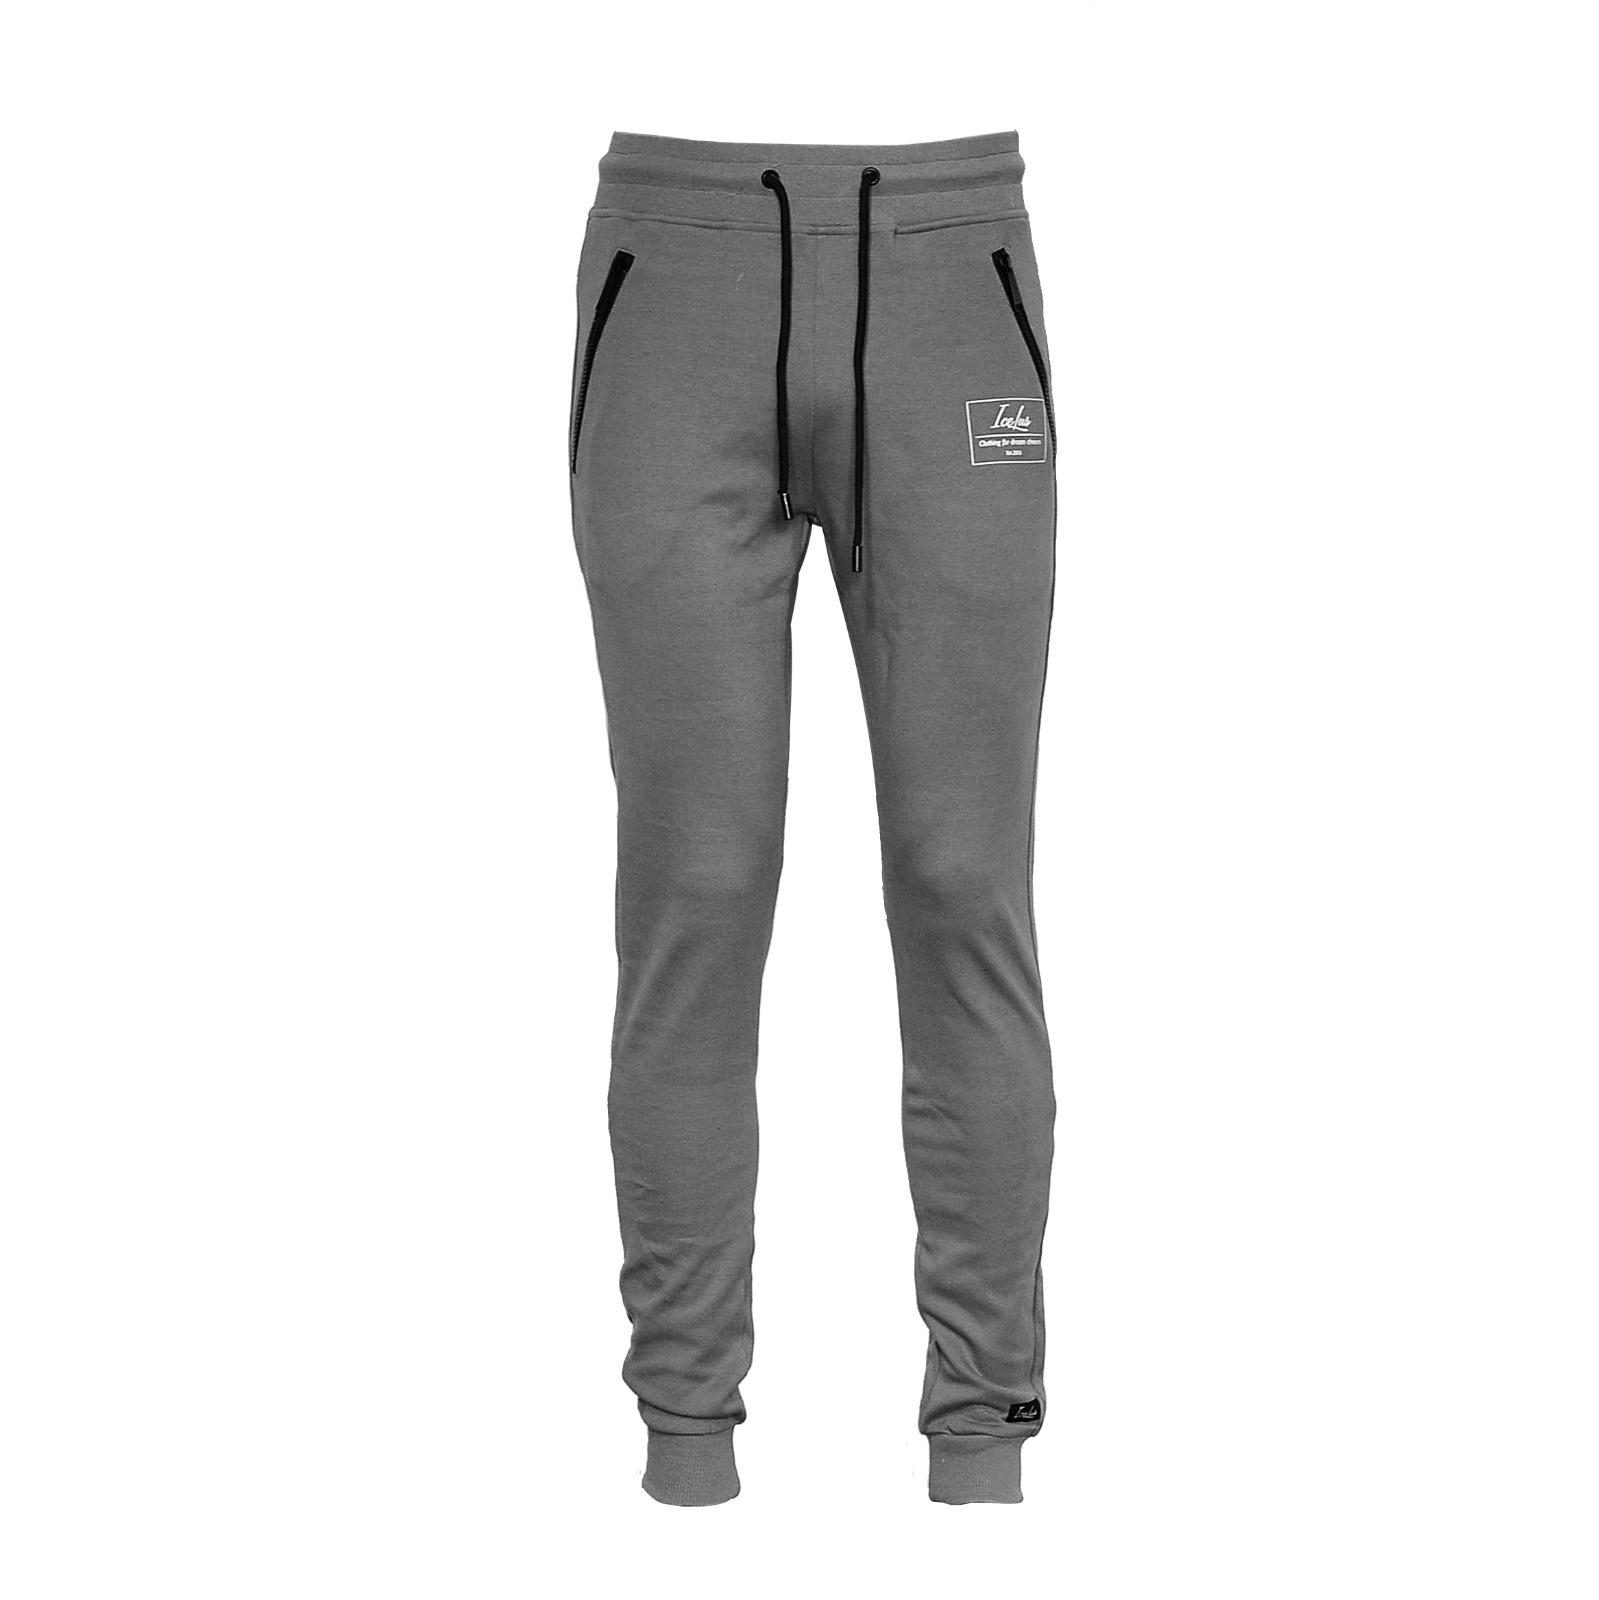 Icelus Clothing Icelus Pants Grey